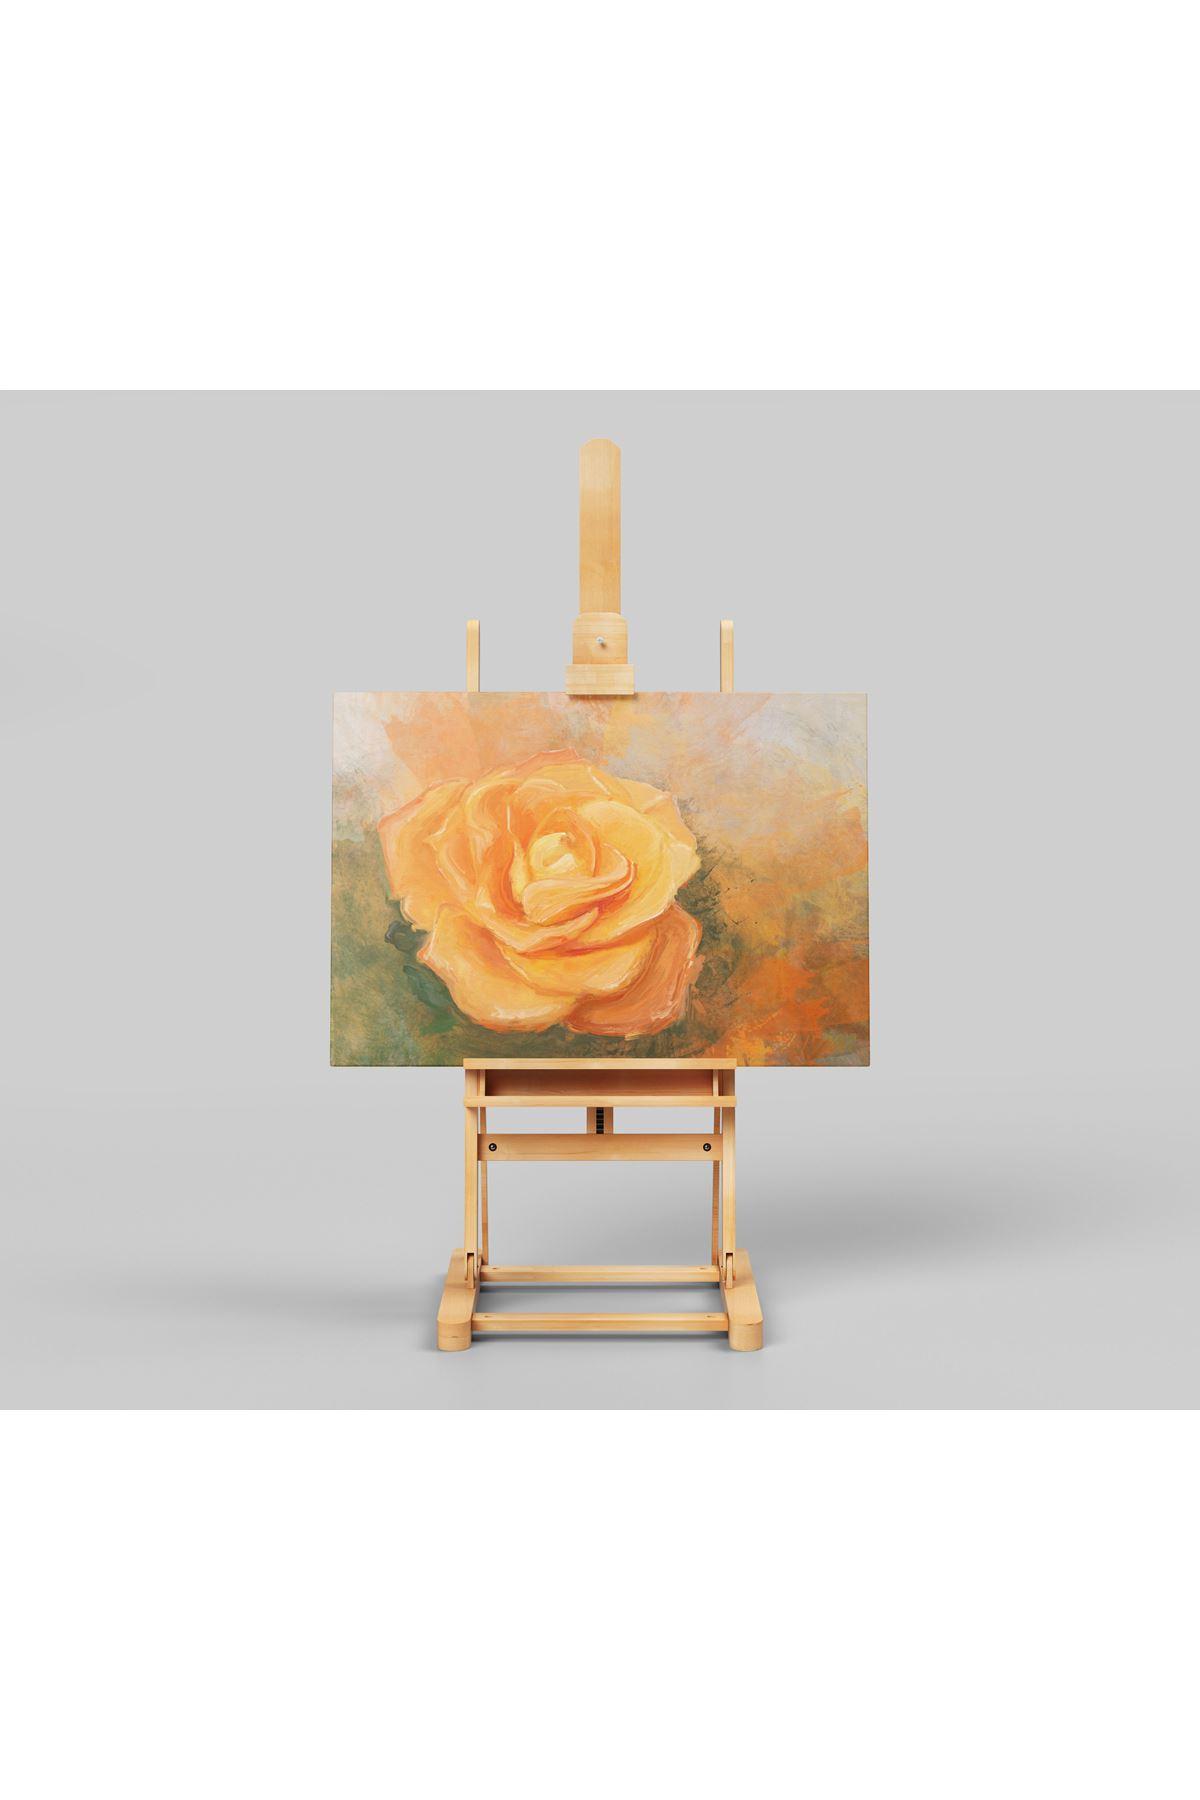 Sulu Boya Görünümlü Gül (Rose) Kanvas Tablo